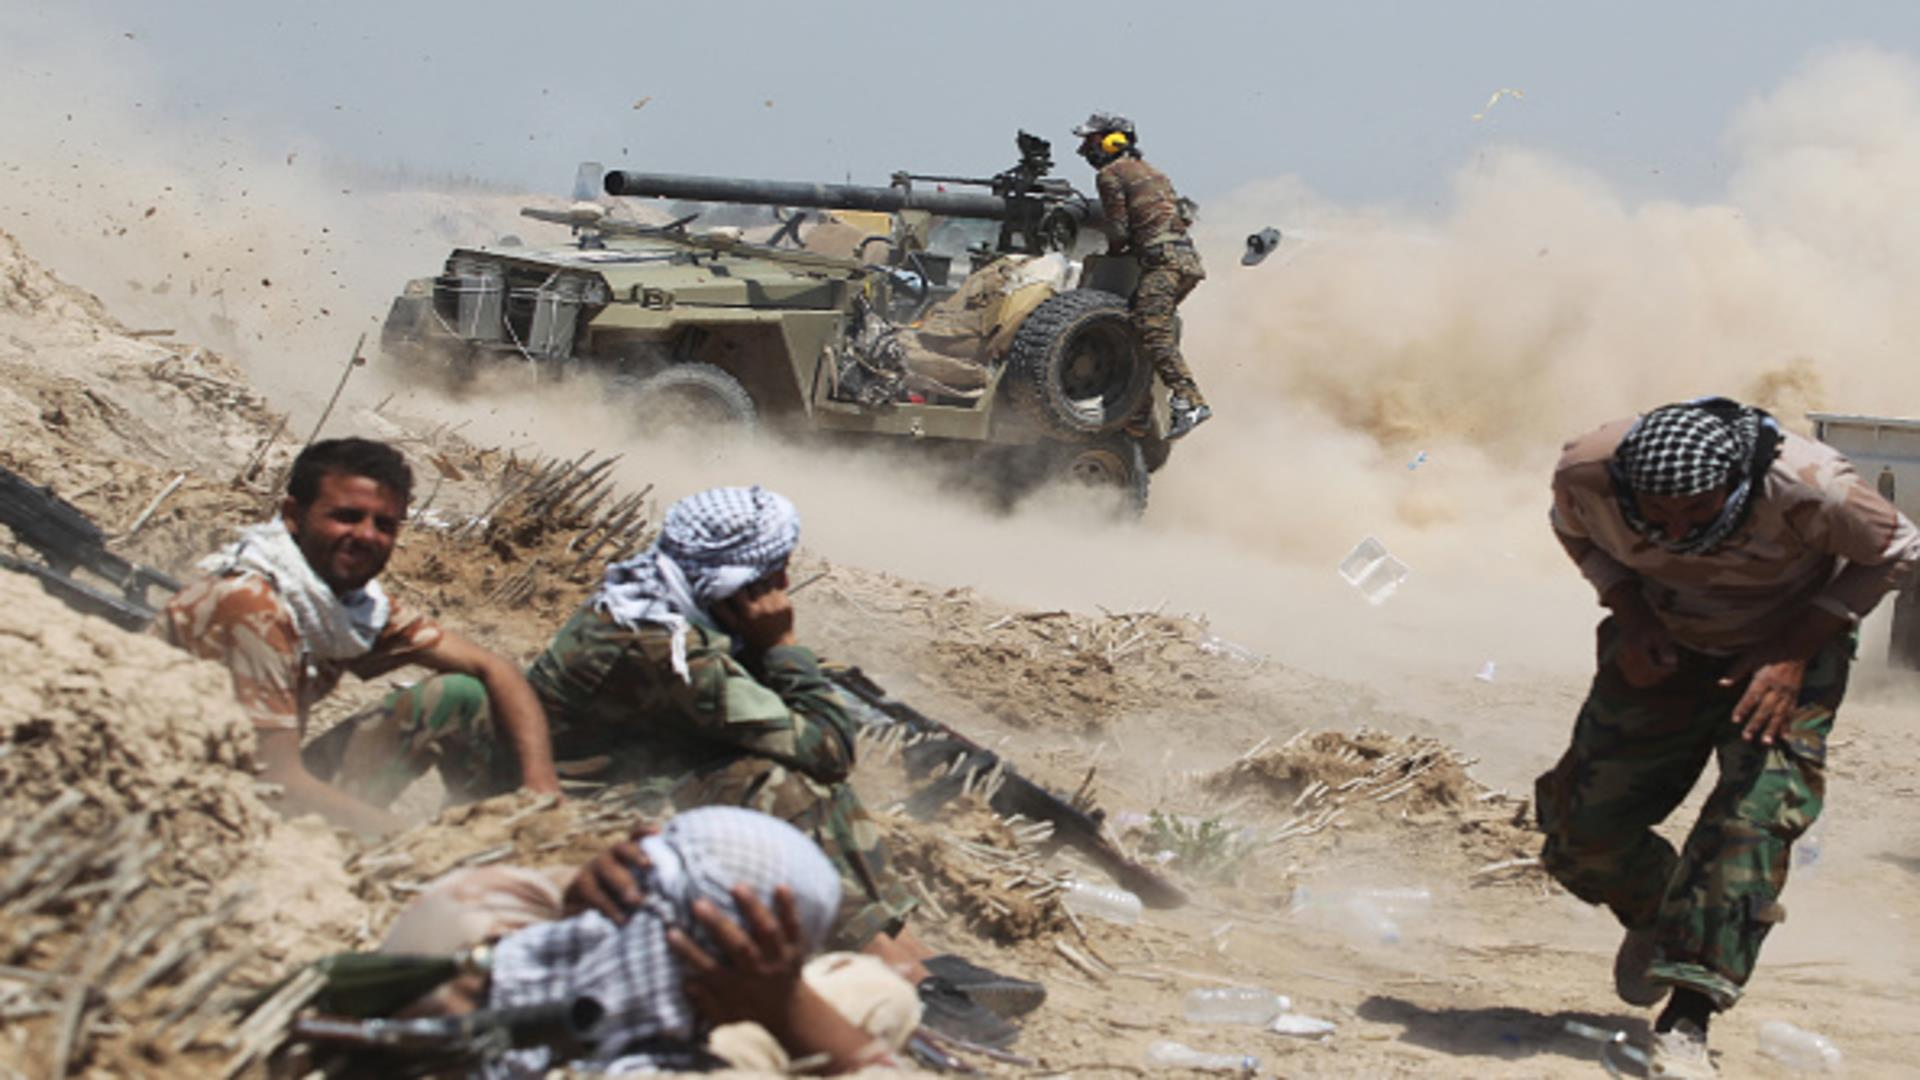 حەشد دەسنەێدە بان کامپ سەربازییگ ک داعش وەکاری هاوردیاد